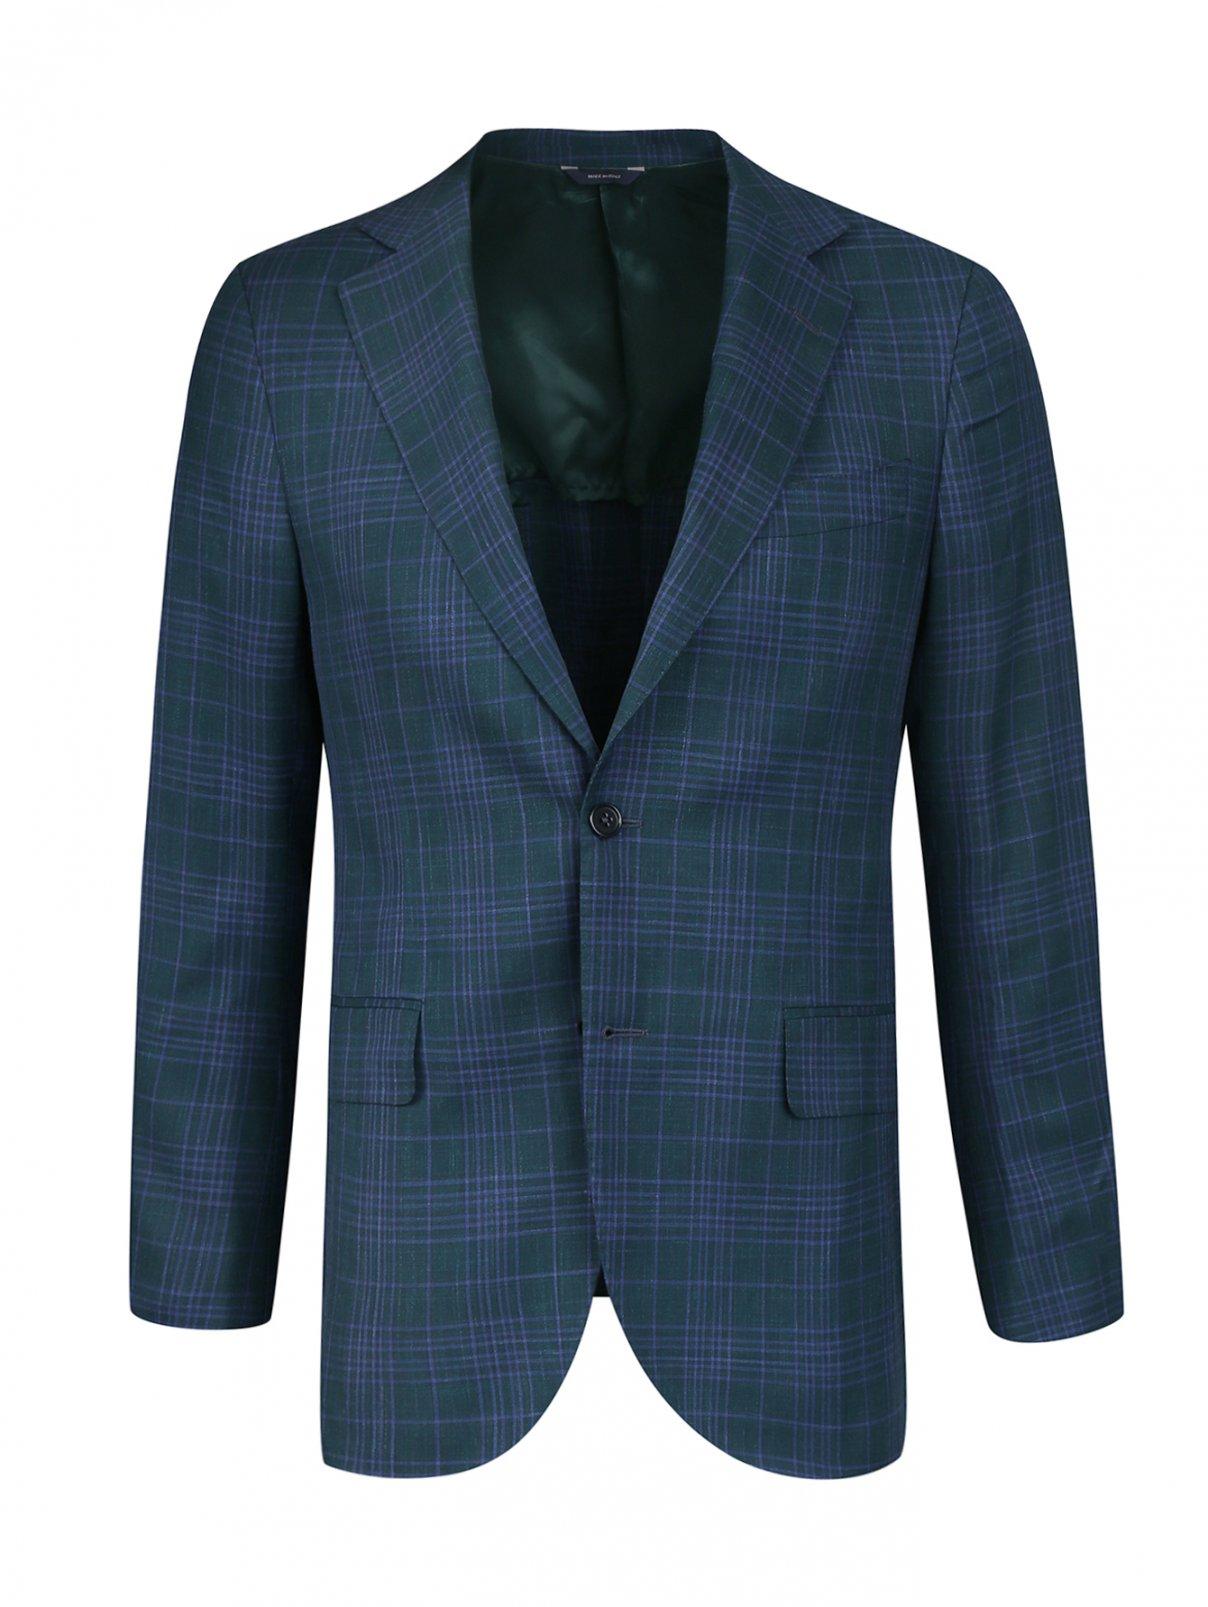 Пиджак из шерсти и шелка Tombolini  –  Общий вид  – Цвет:  Зеленый